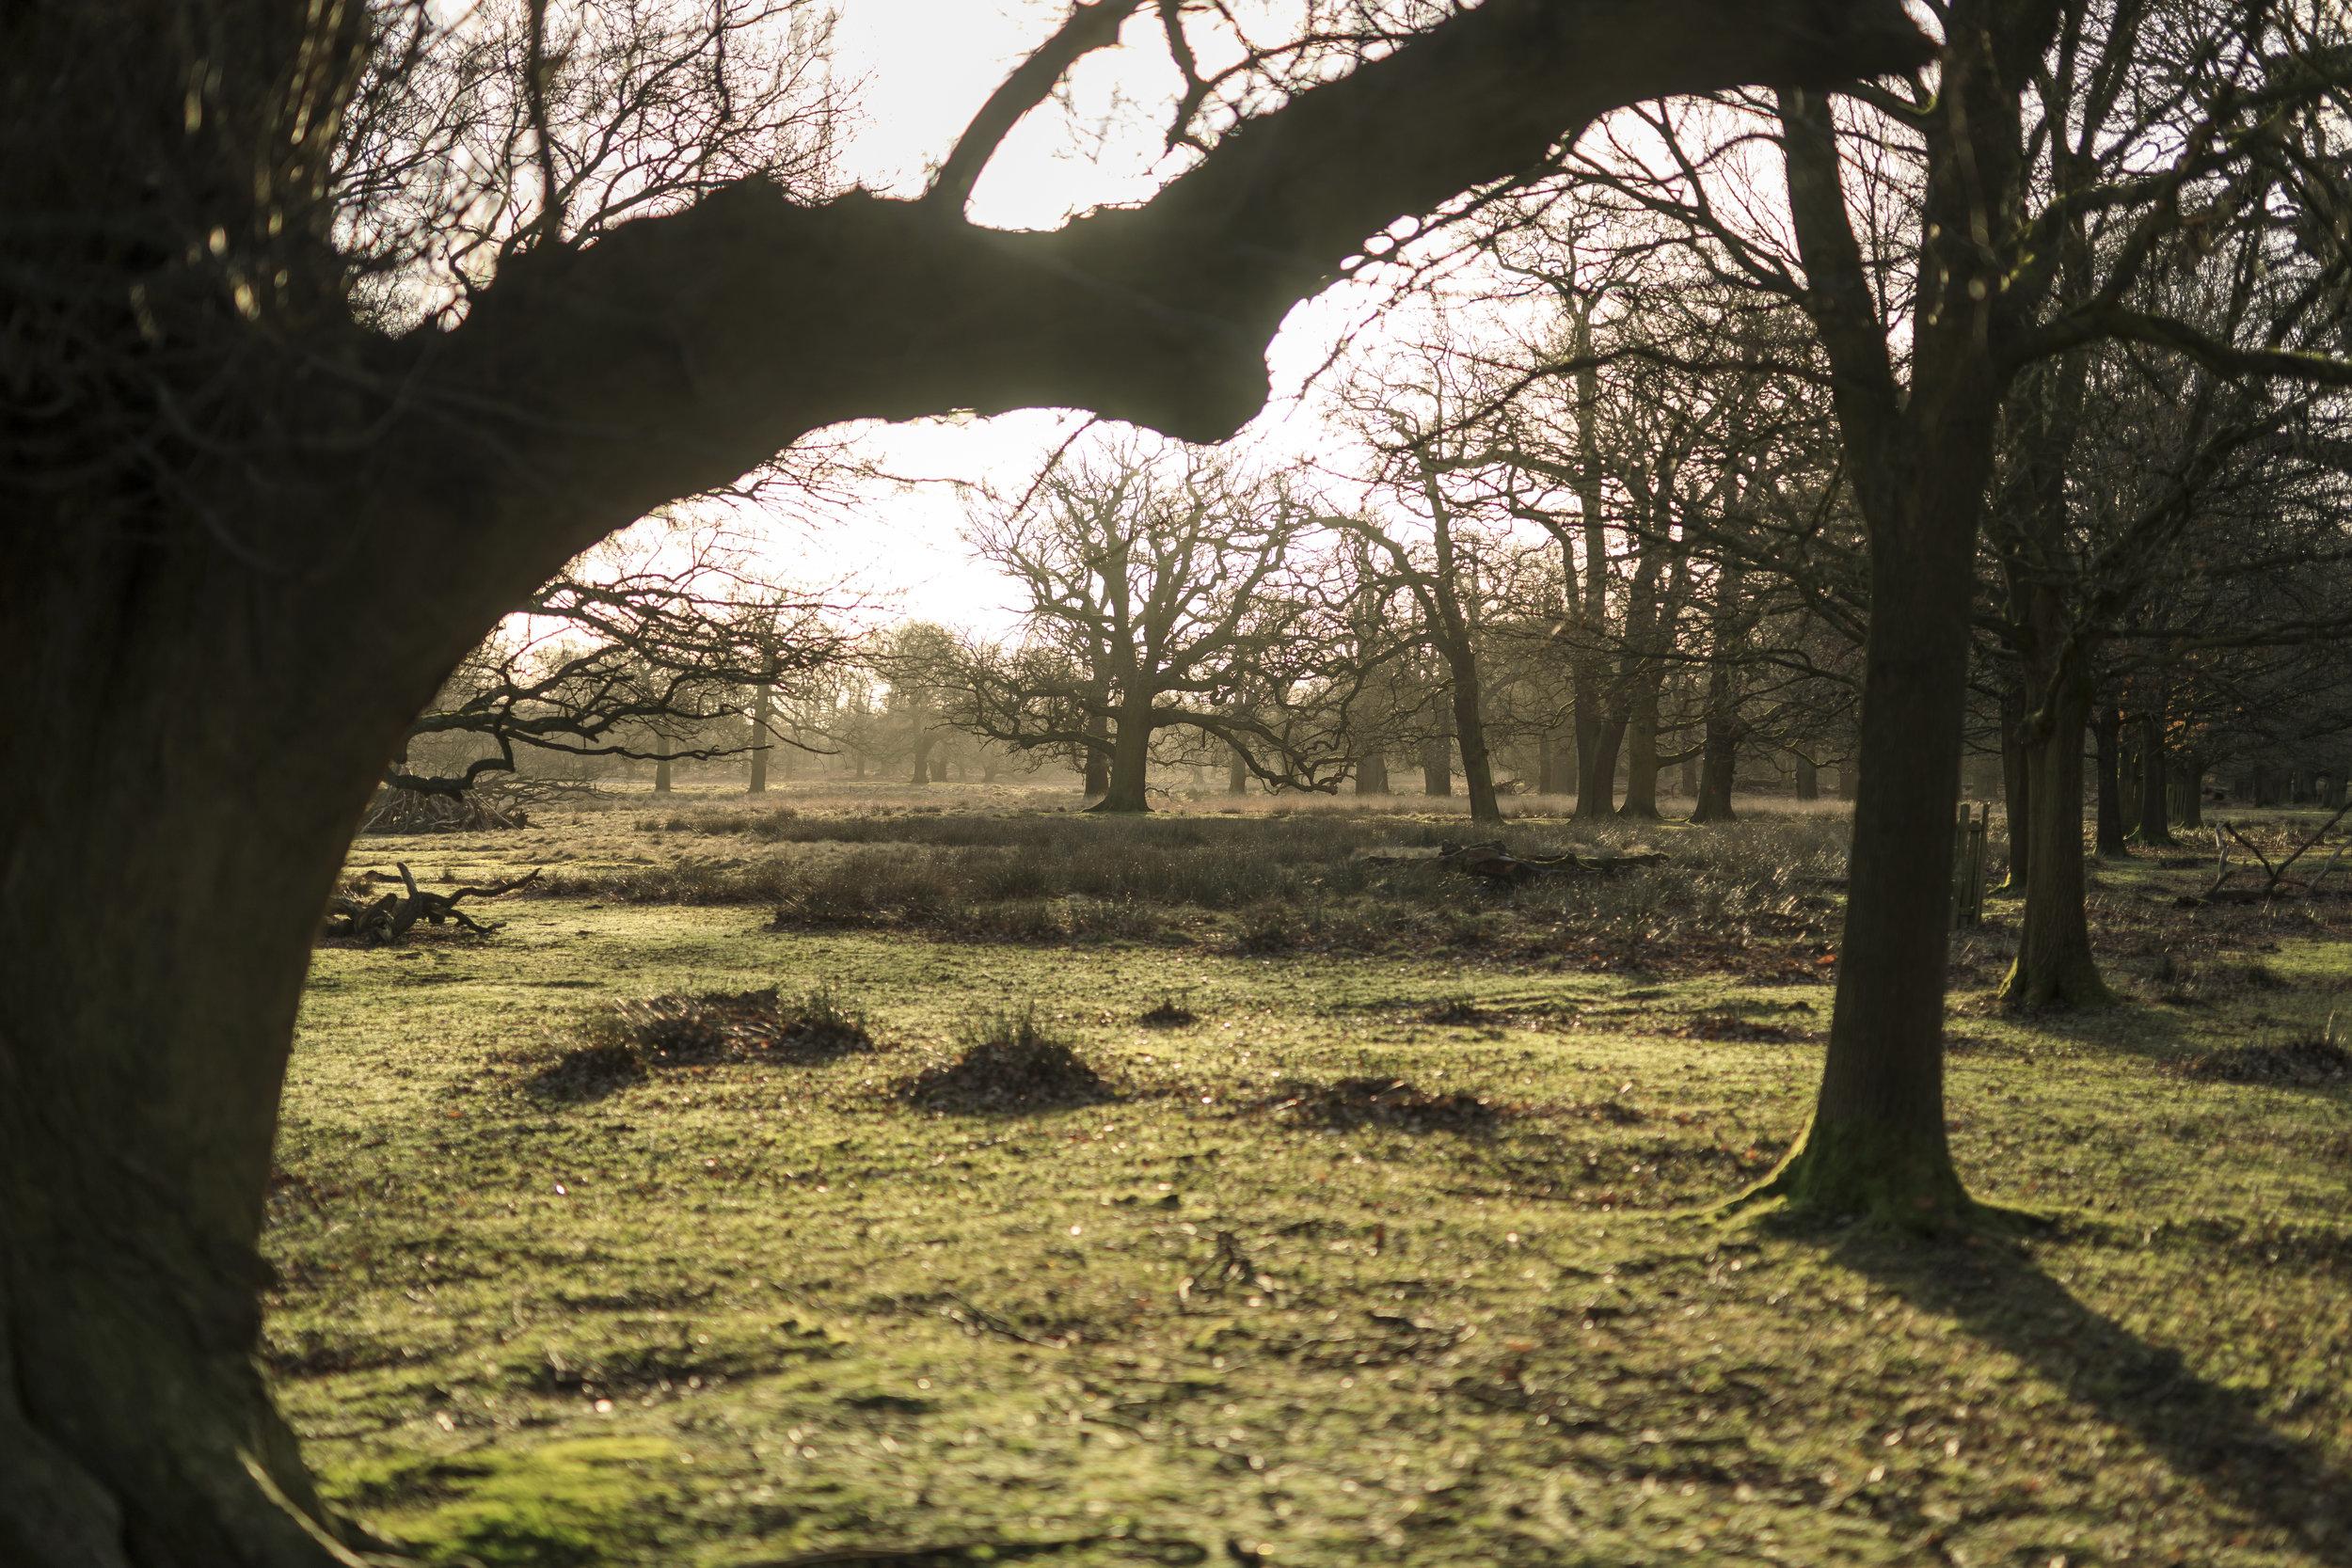 Dunham Massey National Trust Images John Miller 1306592.jpg